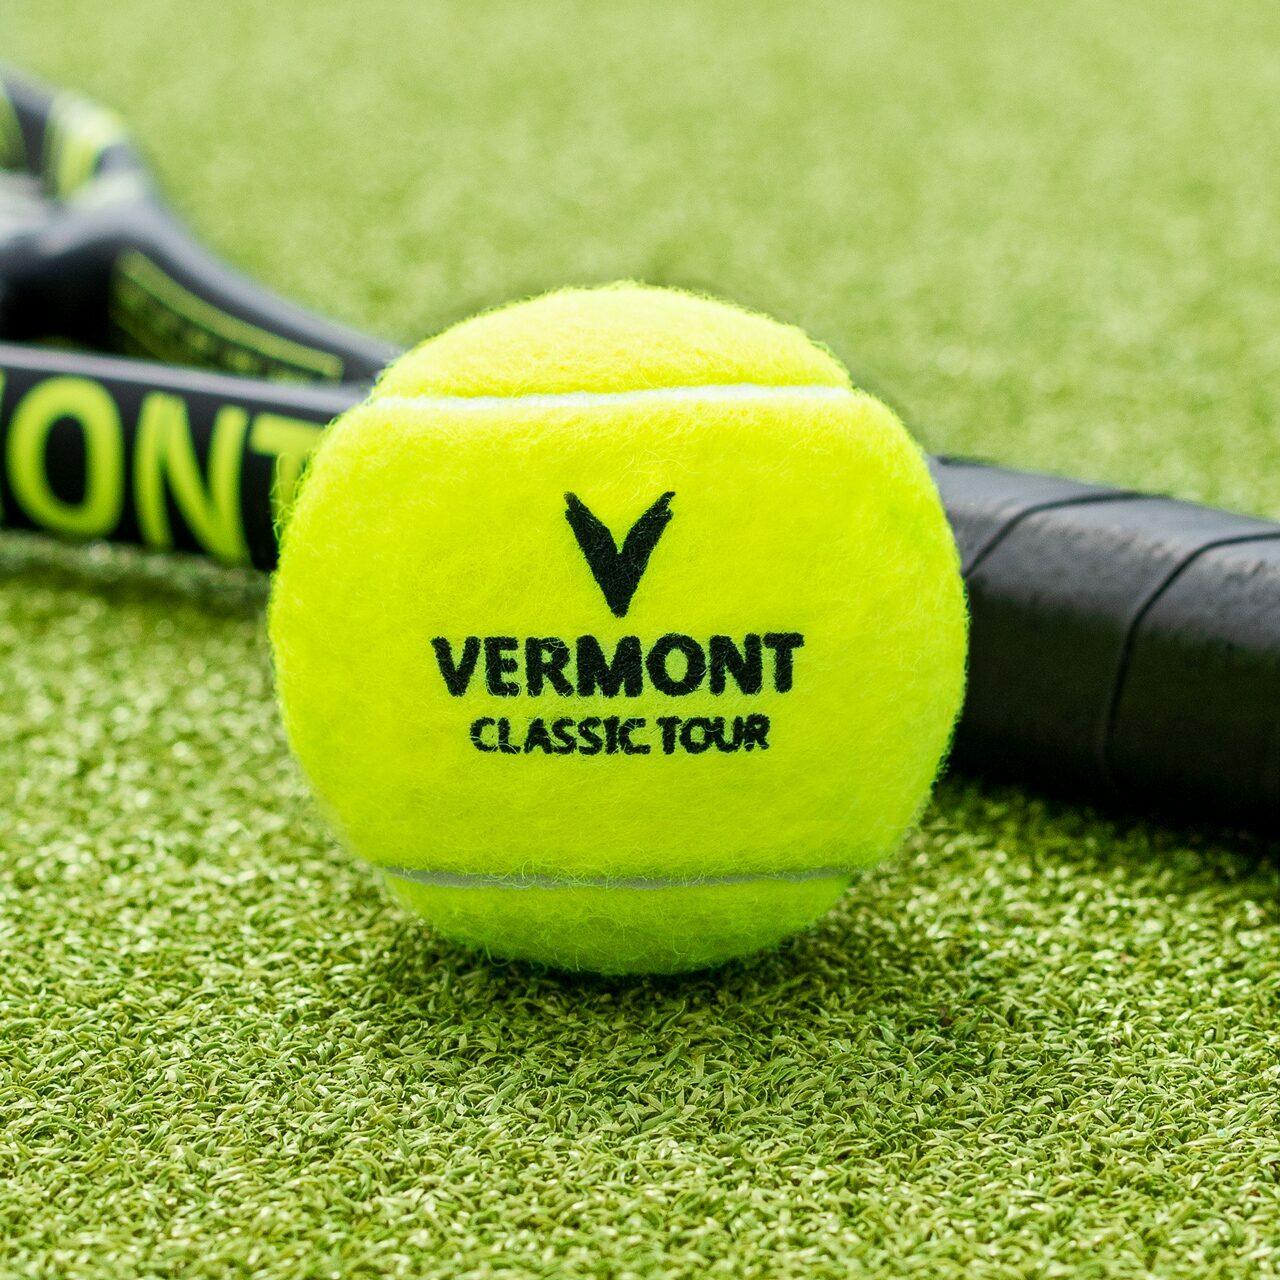 Professionelle Tennisbälle für alle Oberfläche | Vermont klassische Tennisbälle